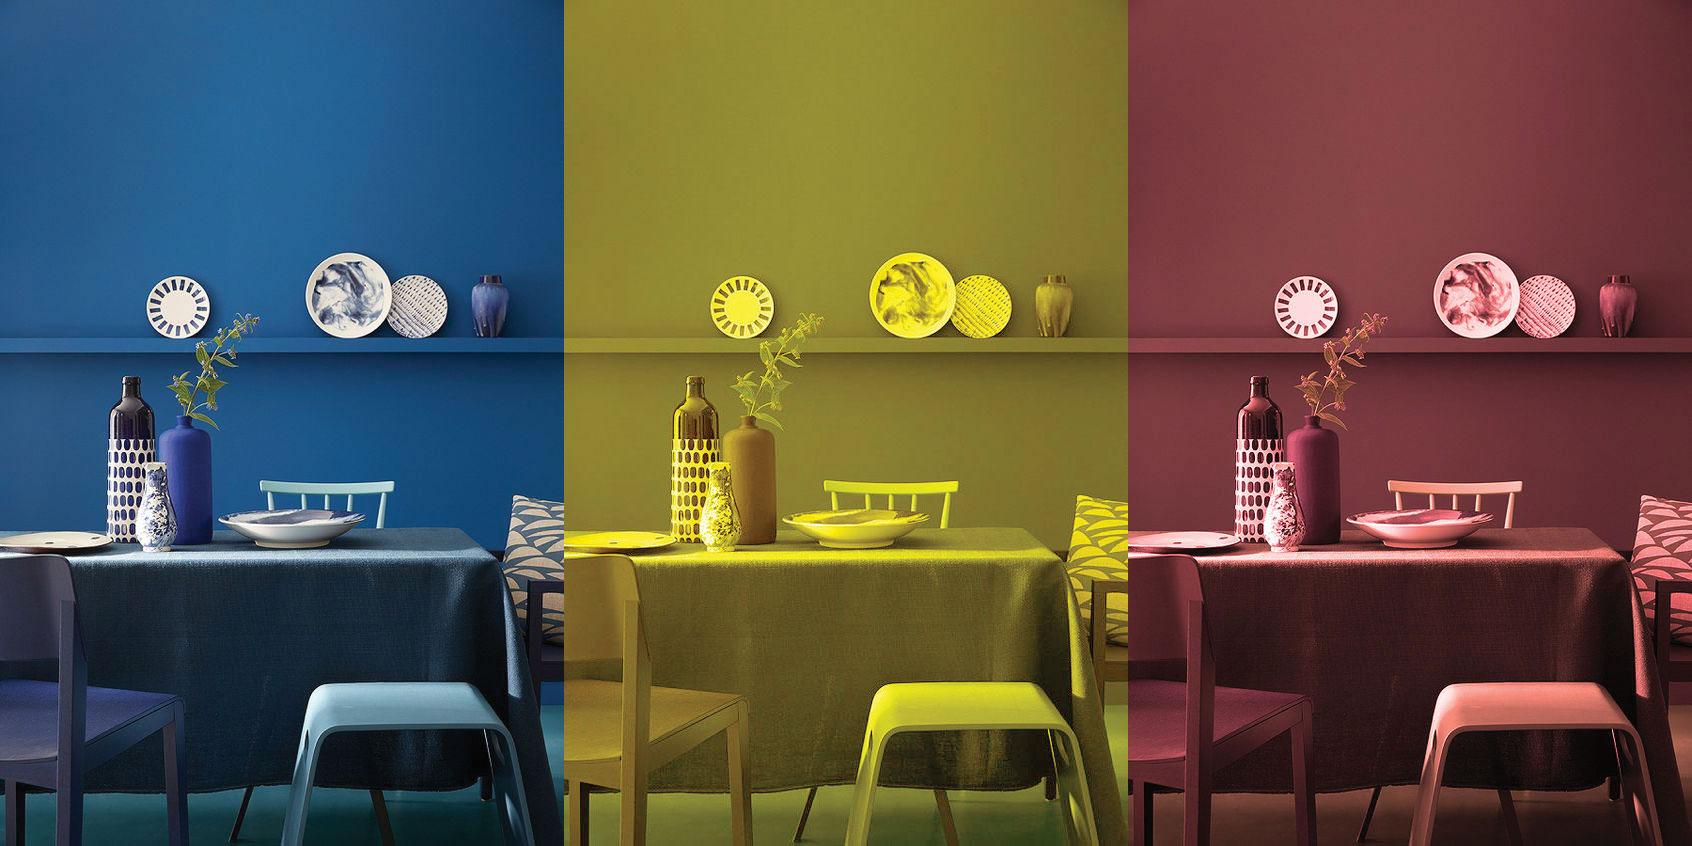 سه رنگ اصلی در دکوراسیون داخلی